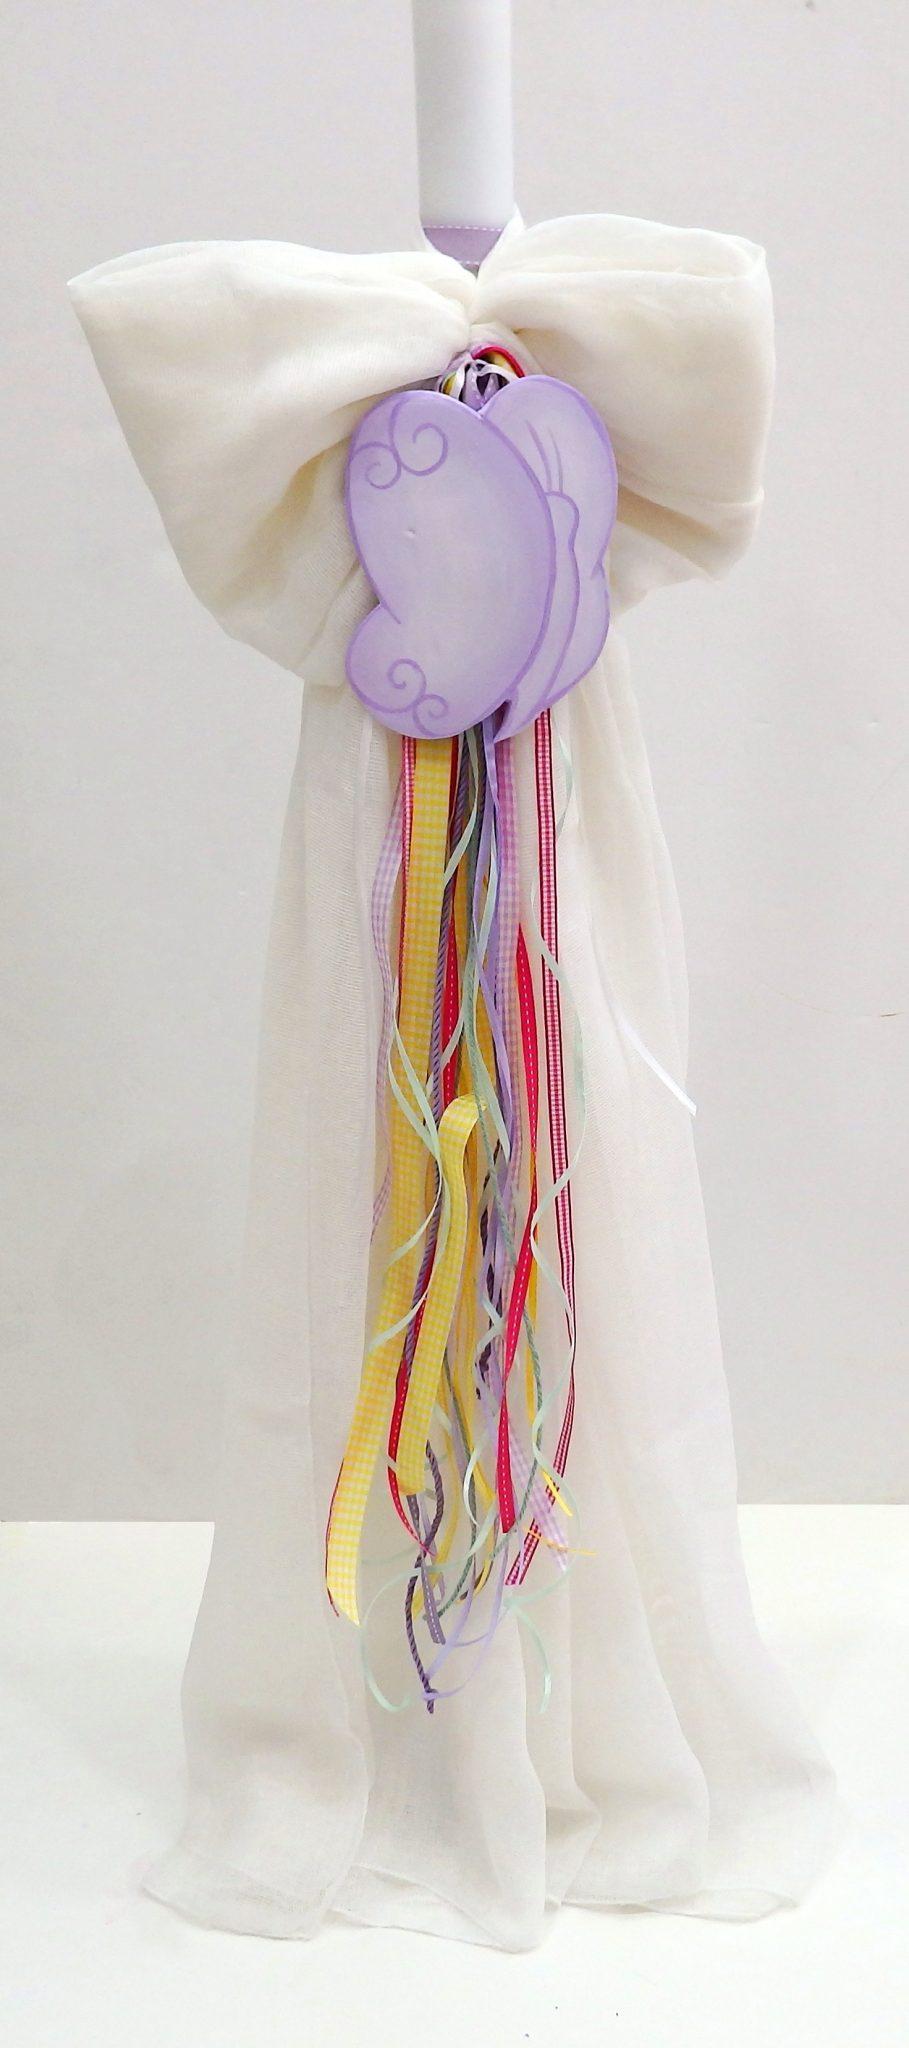 Λαμπάδα βάπτισης Πεταλούδα (πολύχρωμη) VL004-72